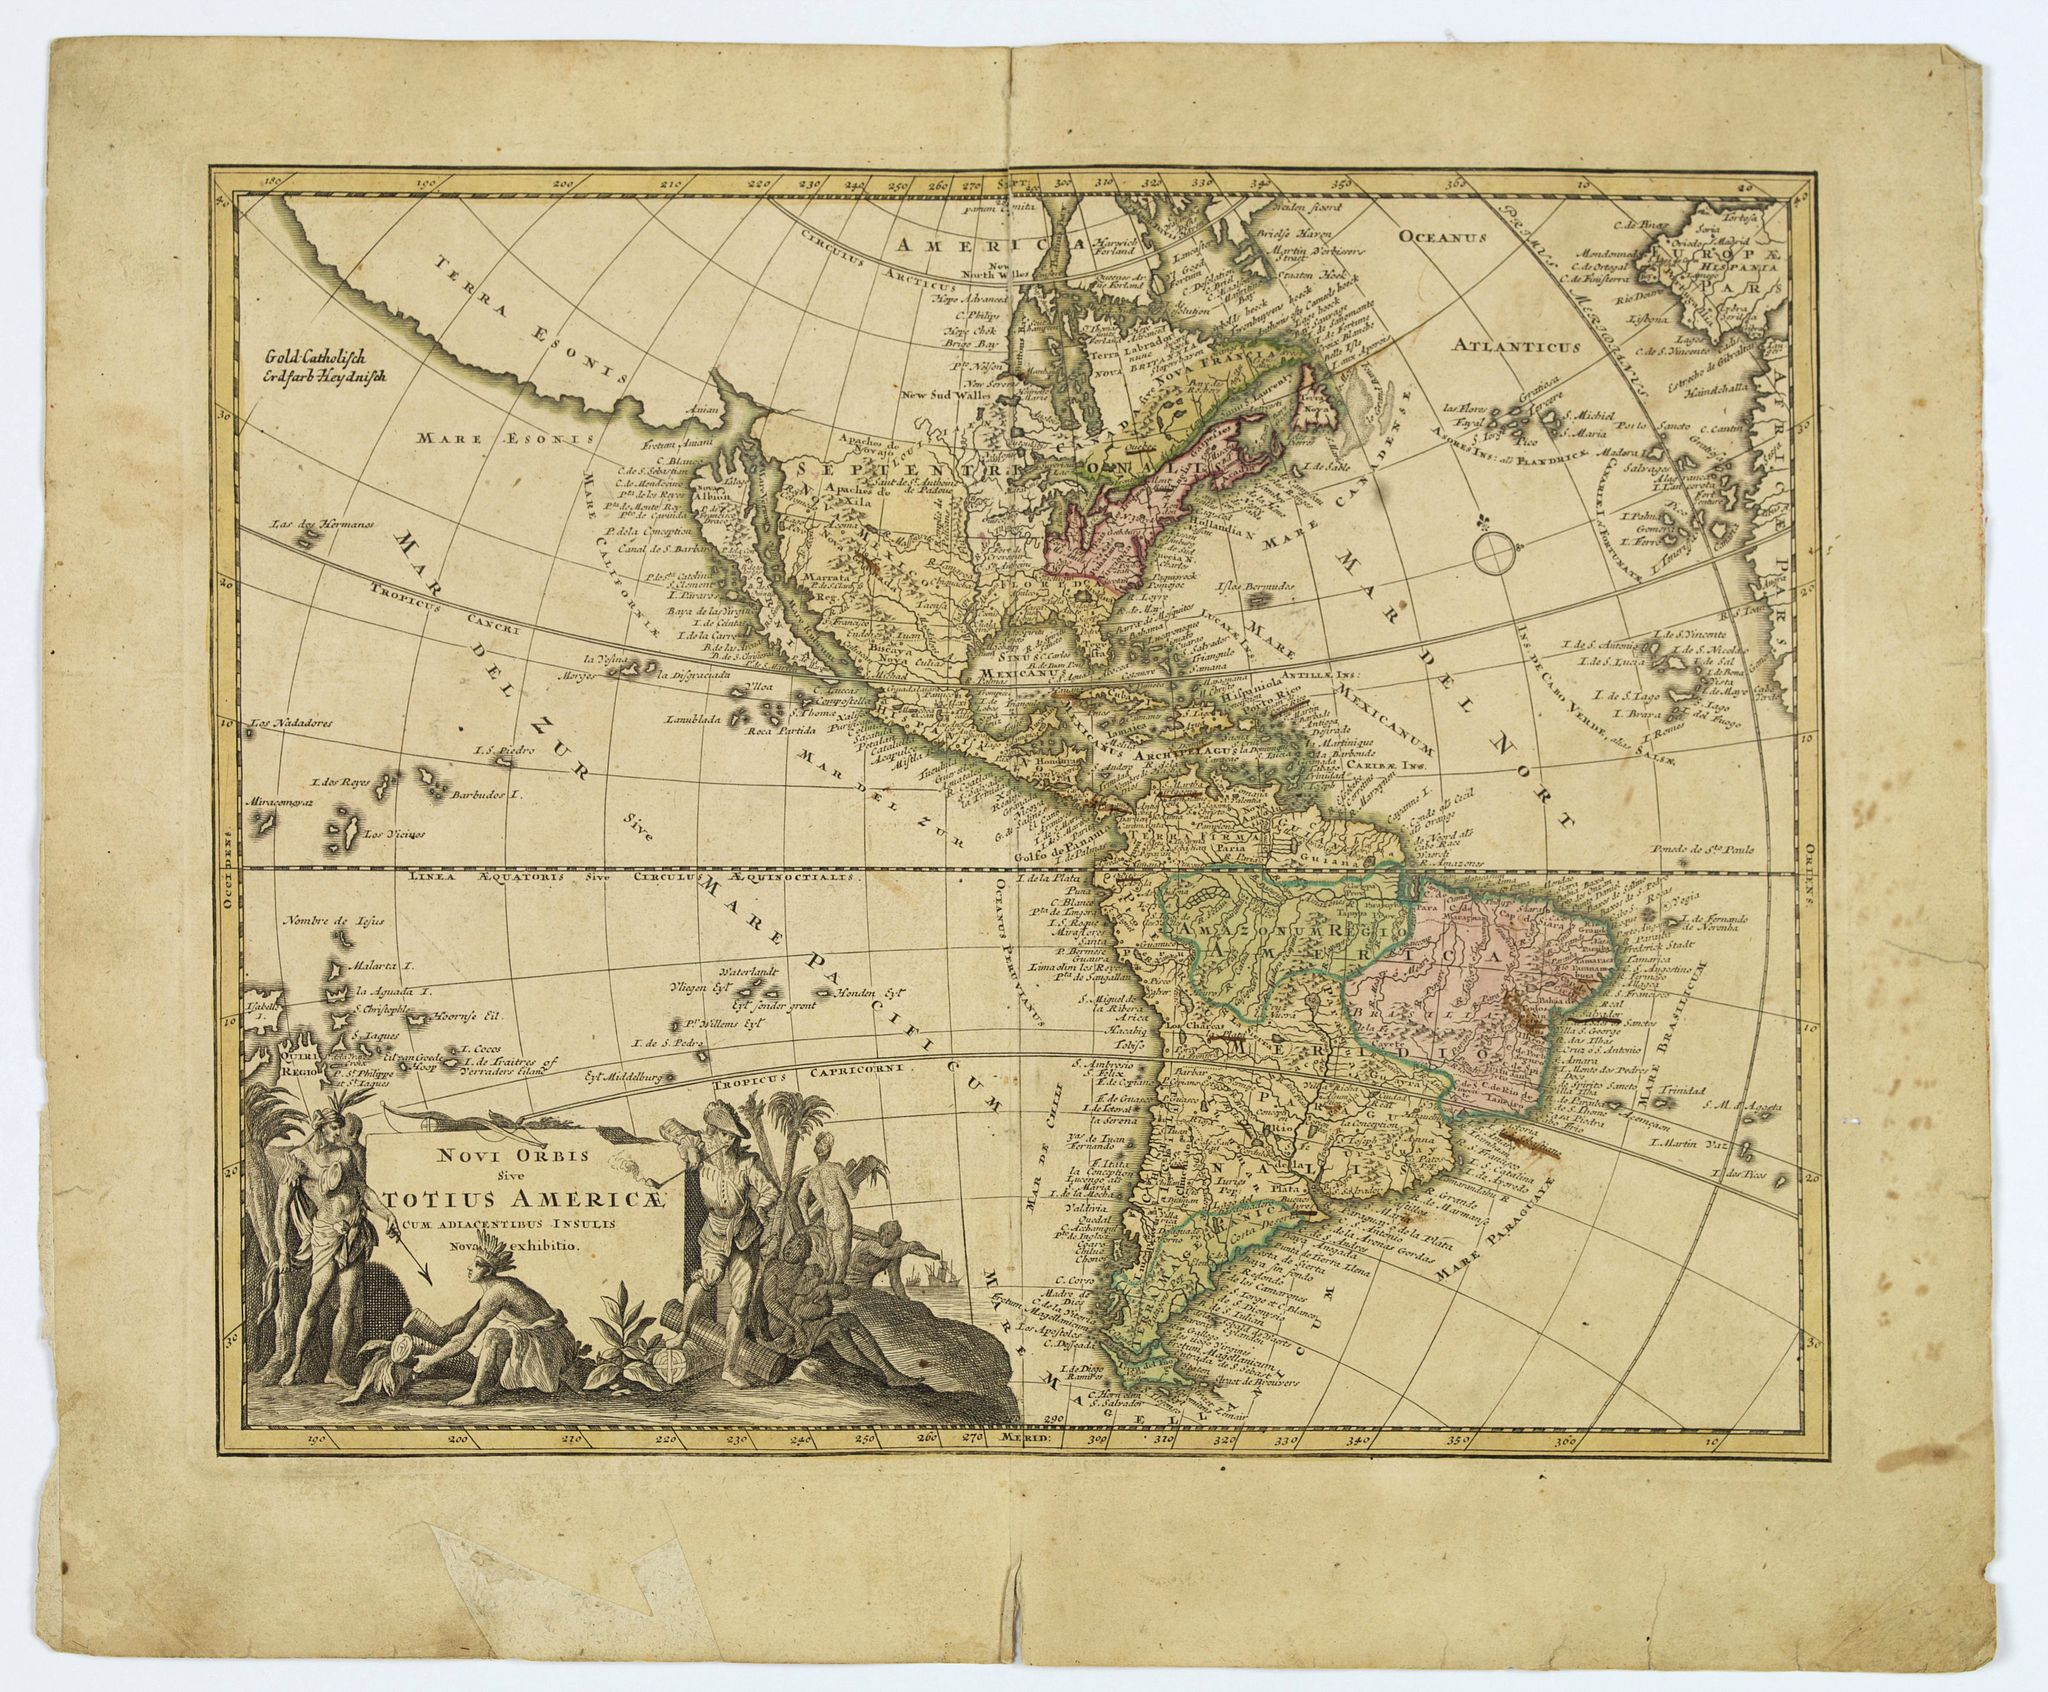 WEIGEL, Johann Christoph. - Novi Orbis sive Totius Americae cum adiacentibus Insulis. . .